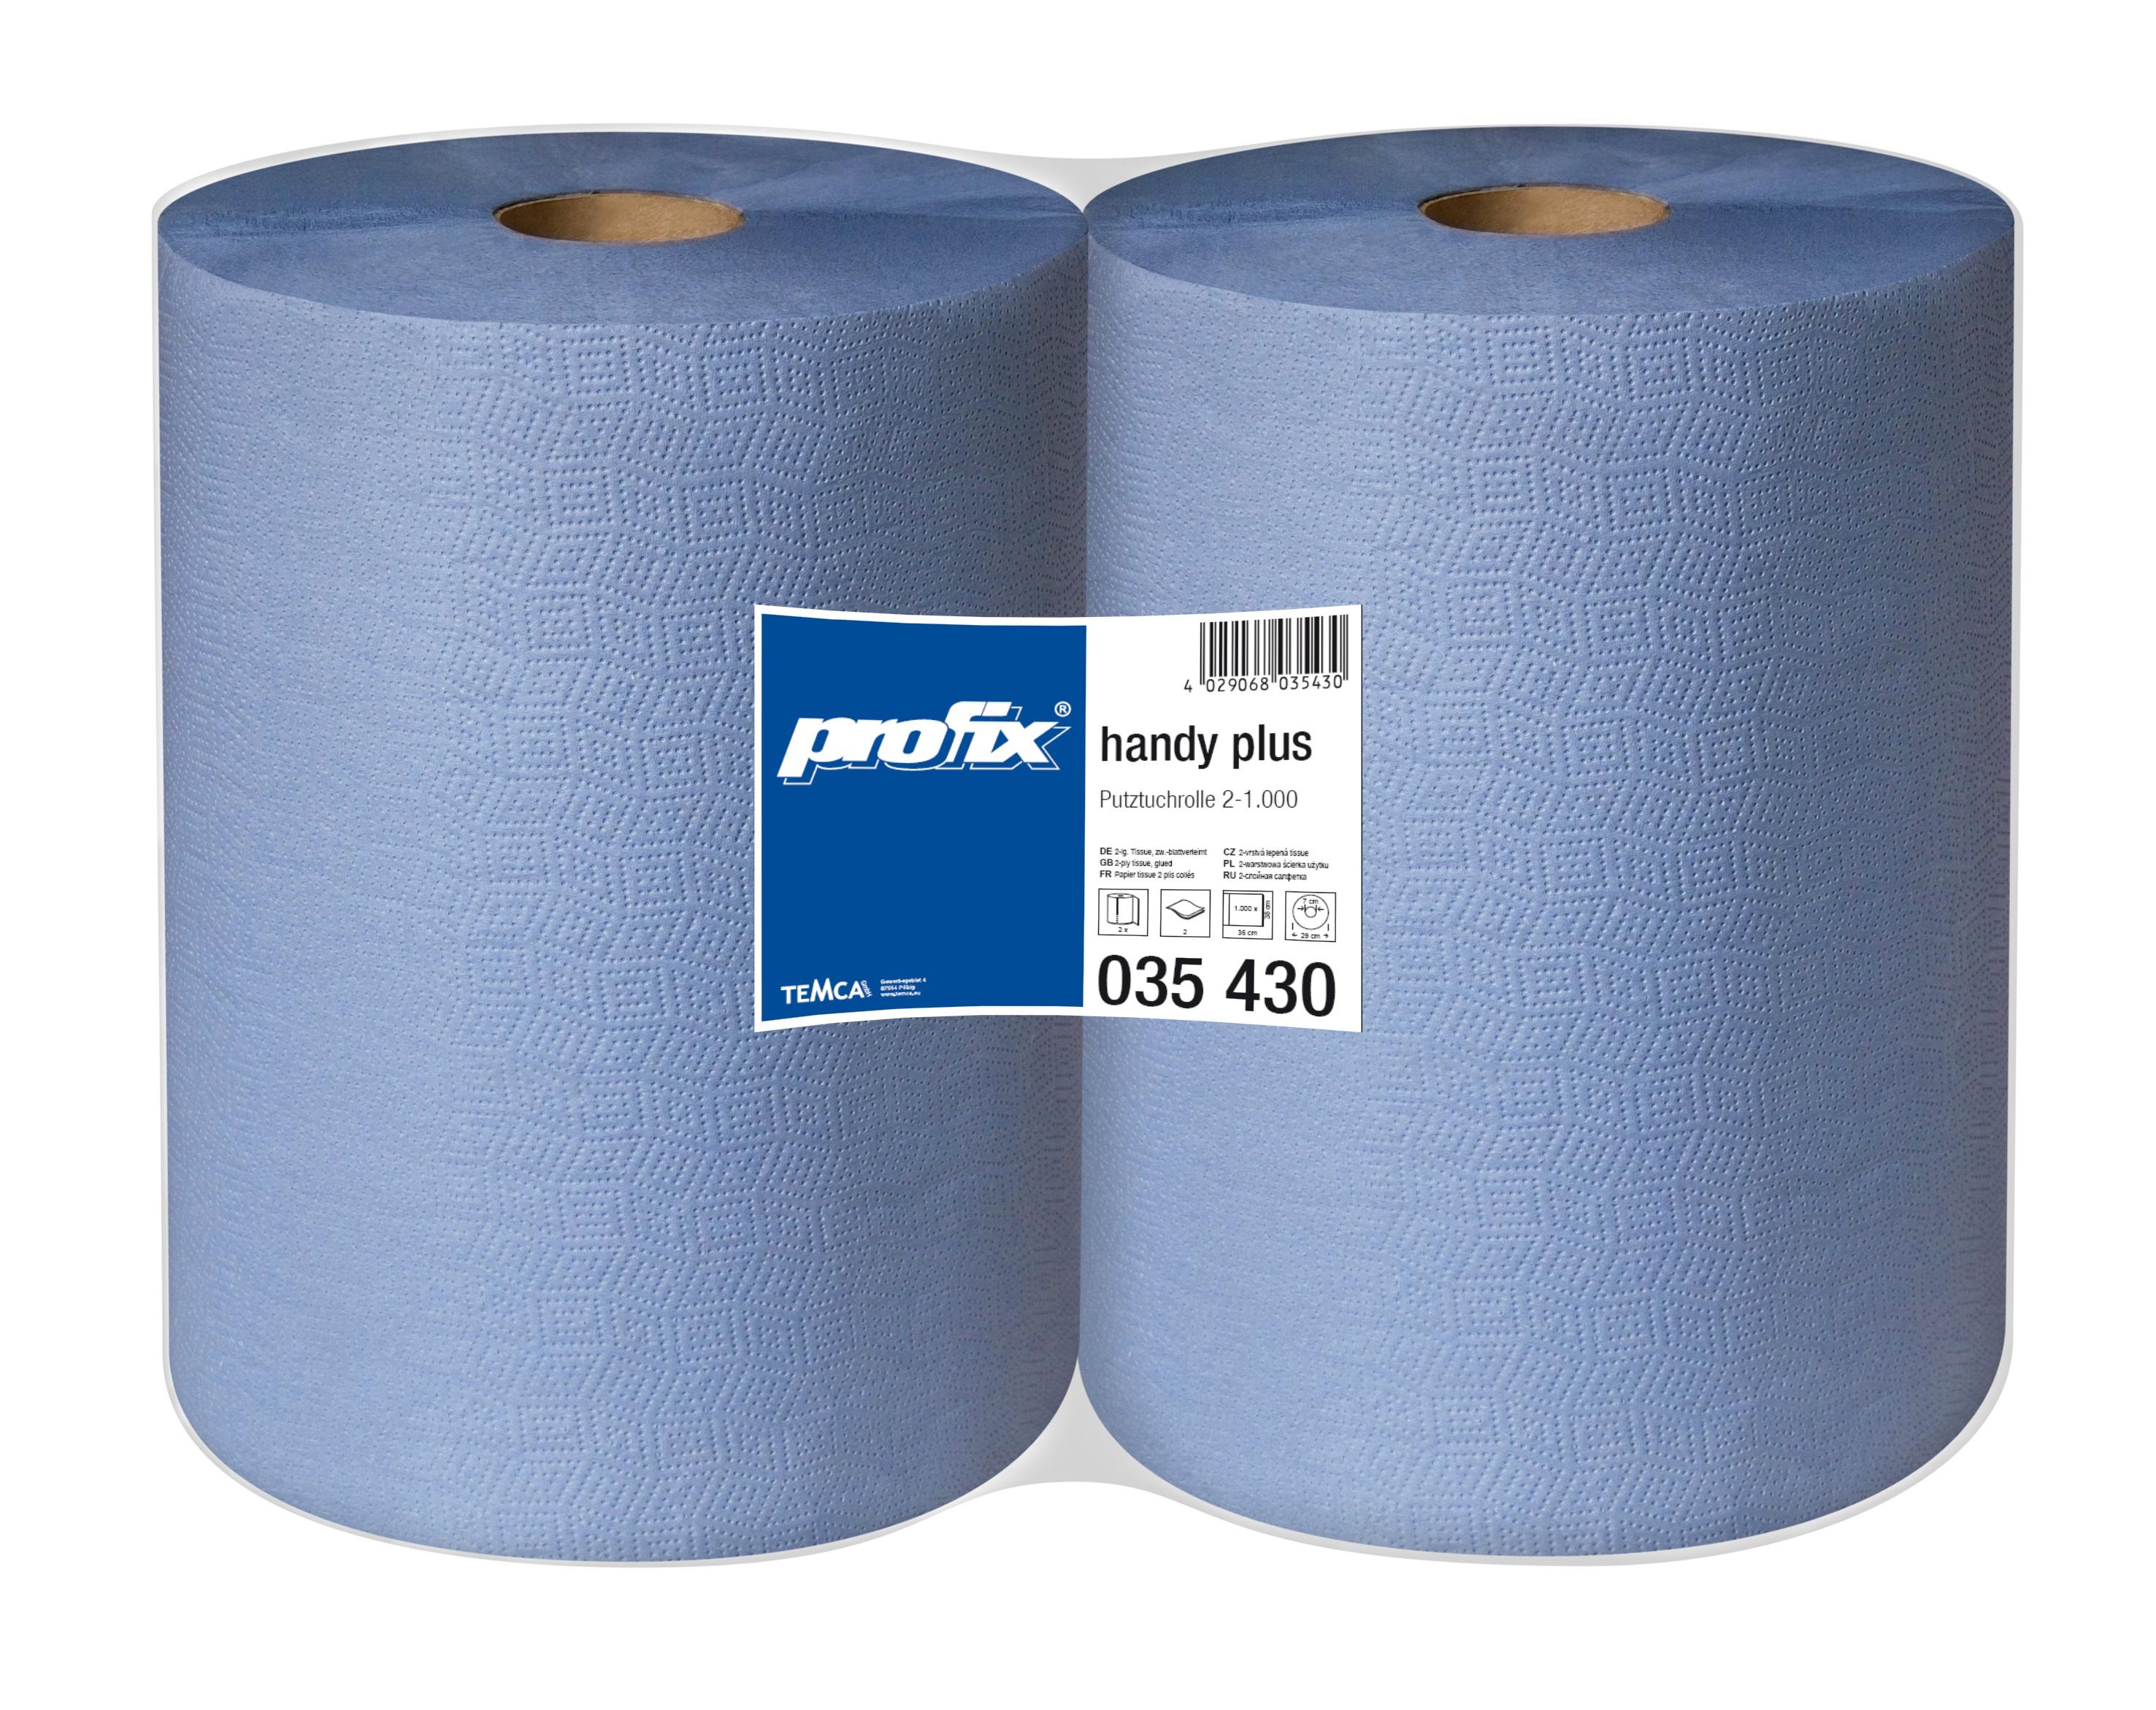 Papírové utěrky v roli - T035430, 2-vrstvé, 38 x 36 cm